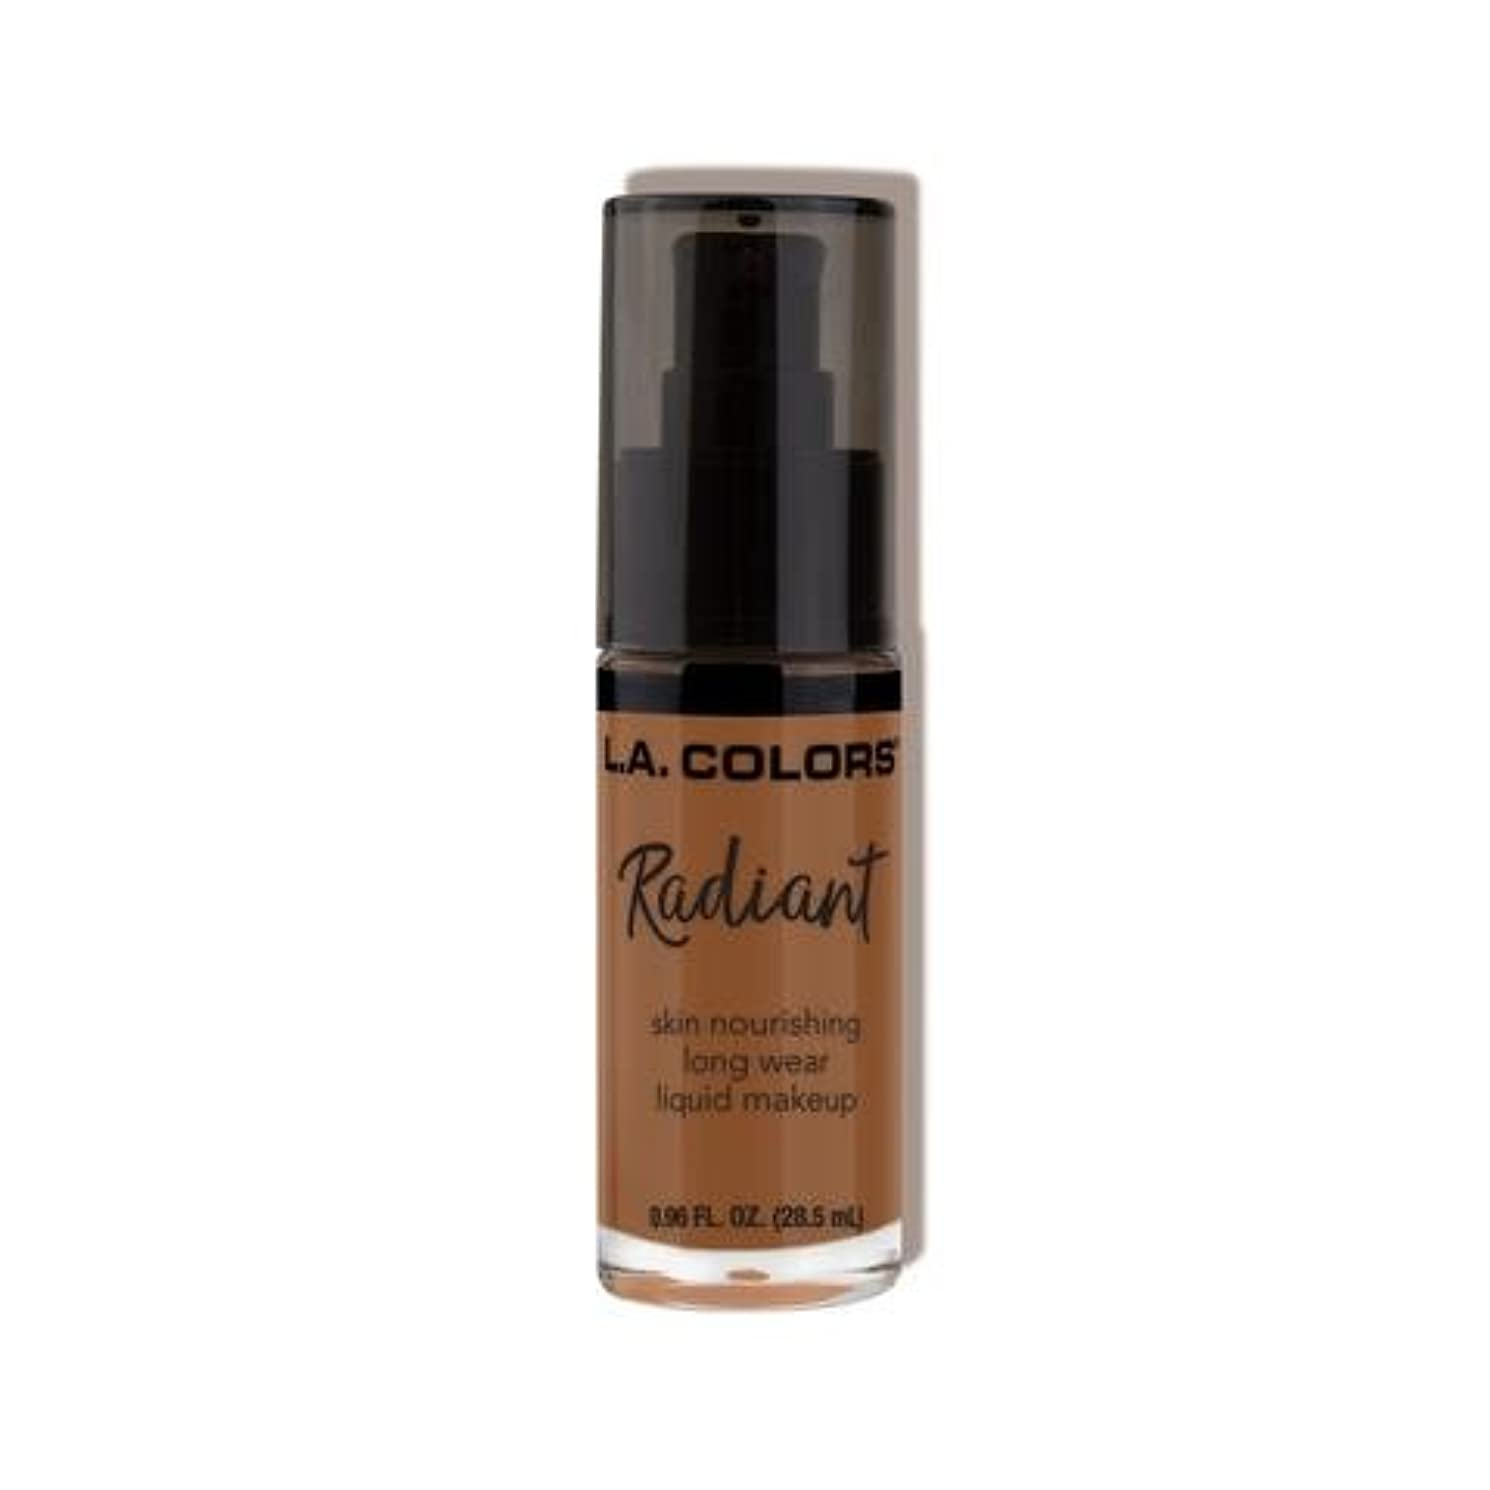 肩をすくめる先生すべき(3 Pack) L.A. COLORS Radiant Liquid Makeup - Ginger (並行輸入品)